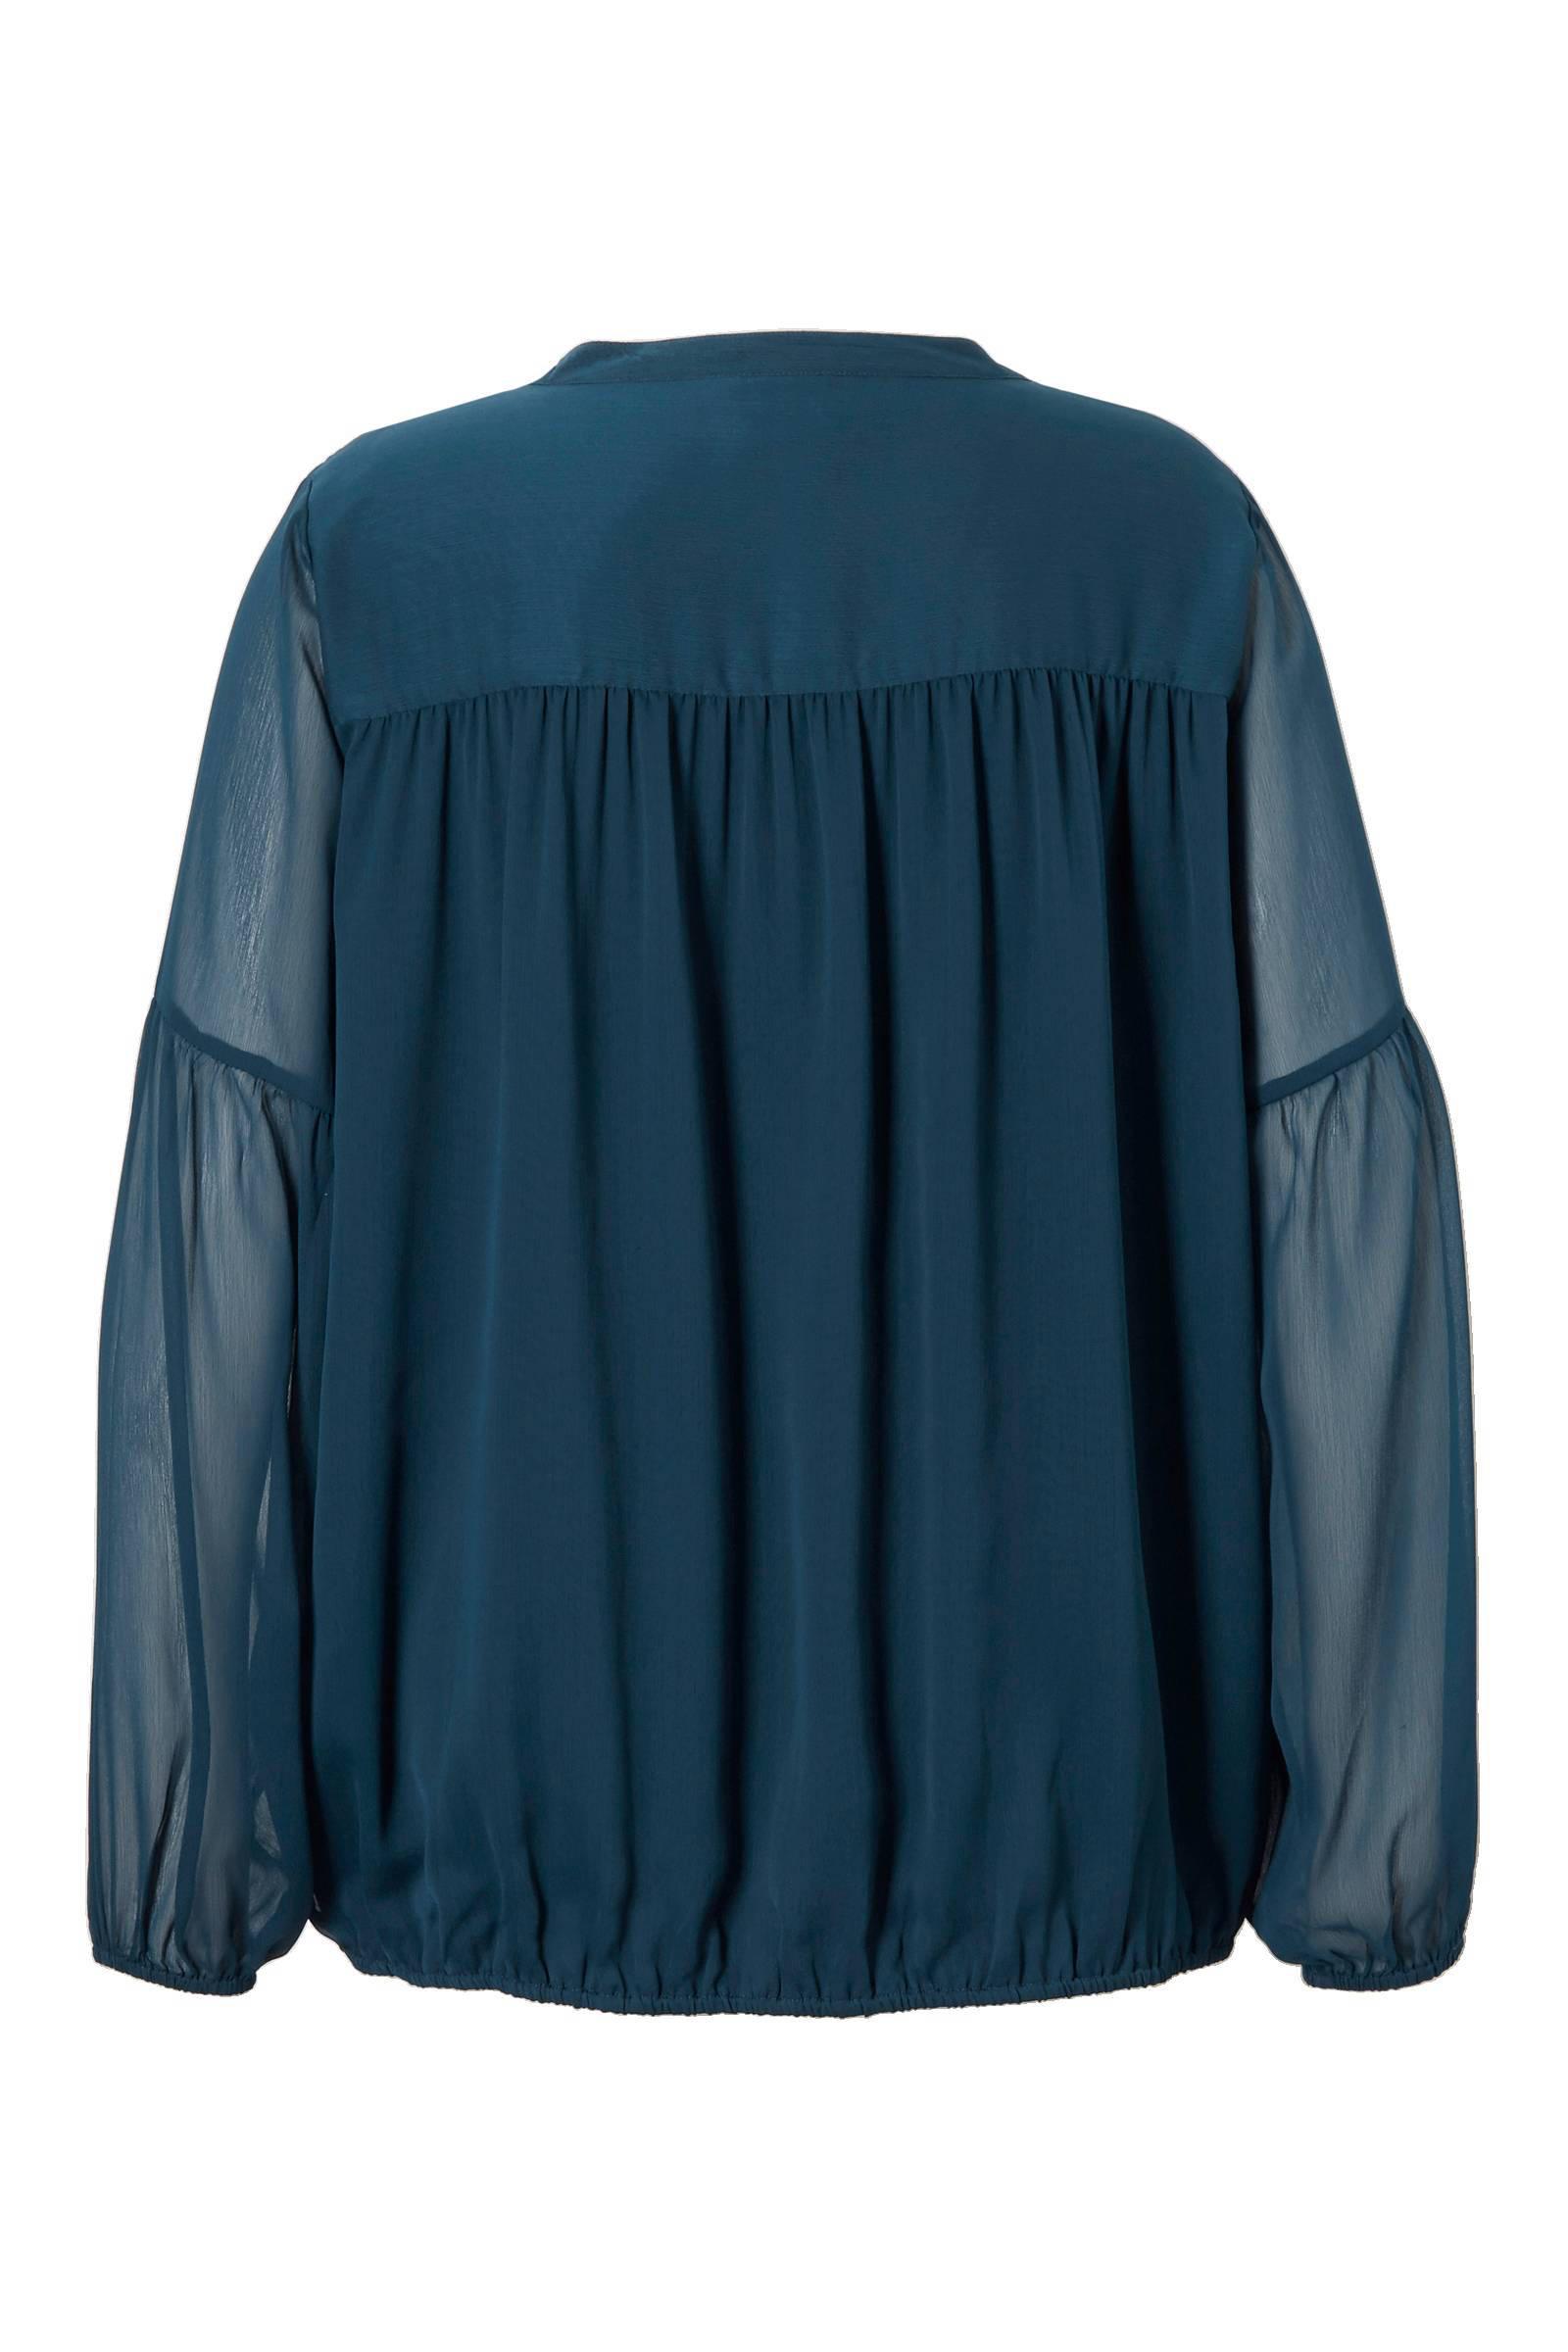 JUNAROSE met blouse plooien JUNAROSE blouse zOqwTzrx